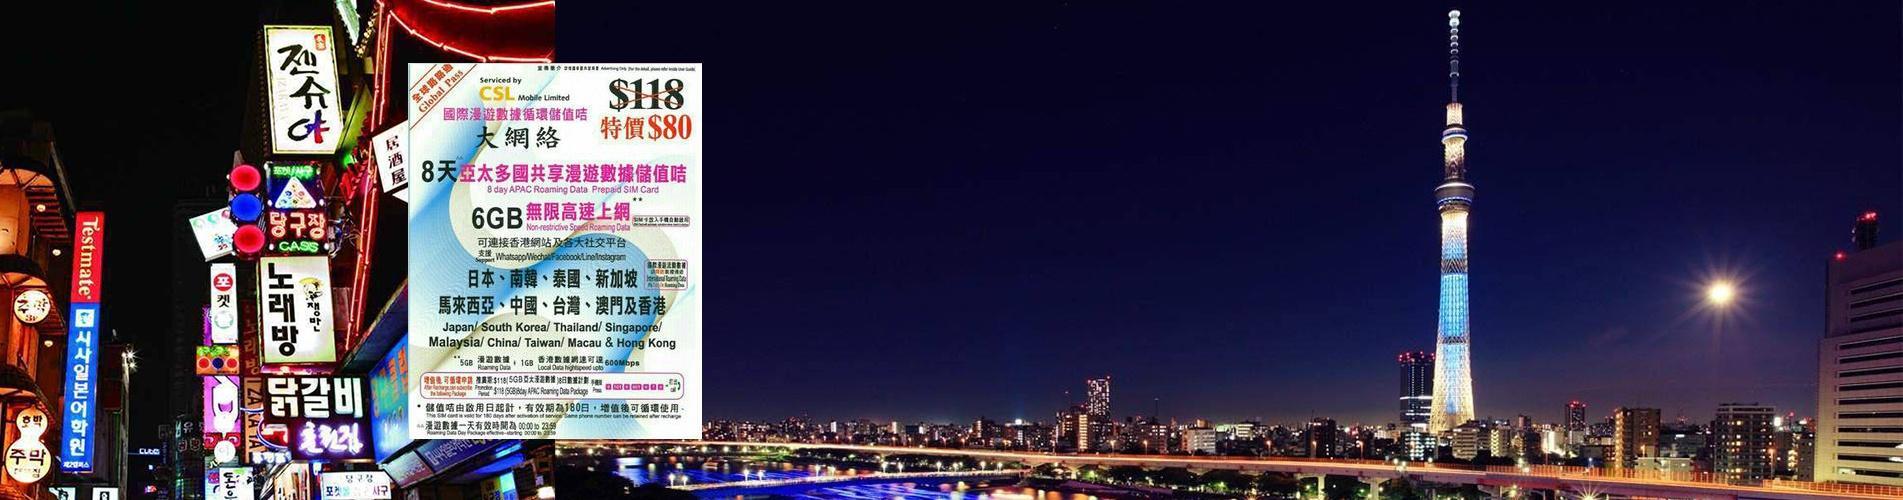 亞洲電話卡 - CSL 全球路路通 8天6GB 無限高速上網卡